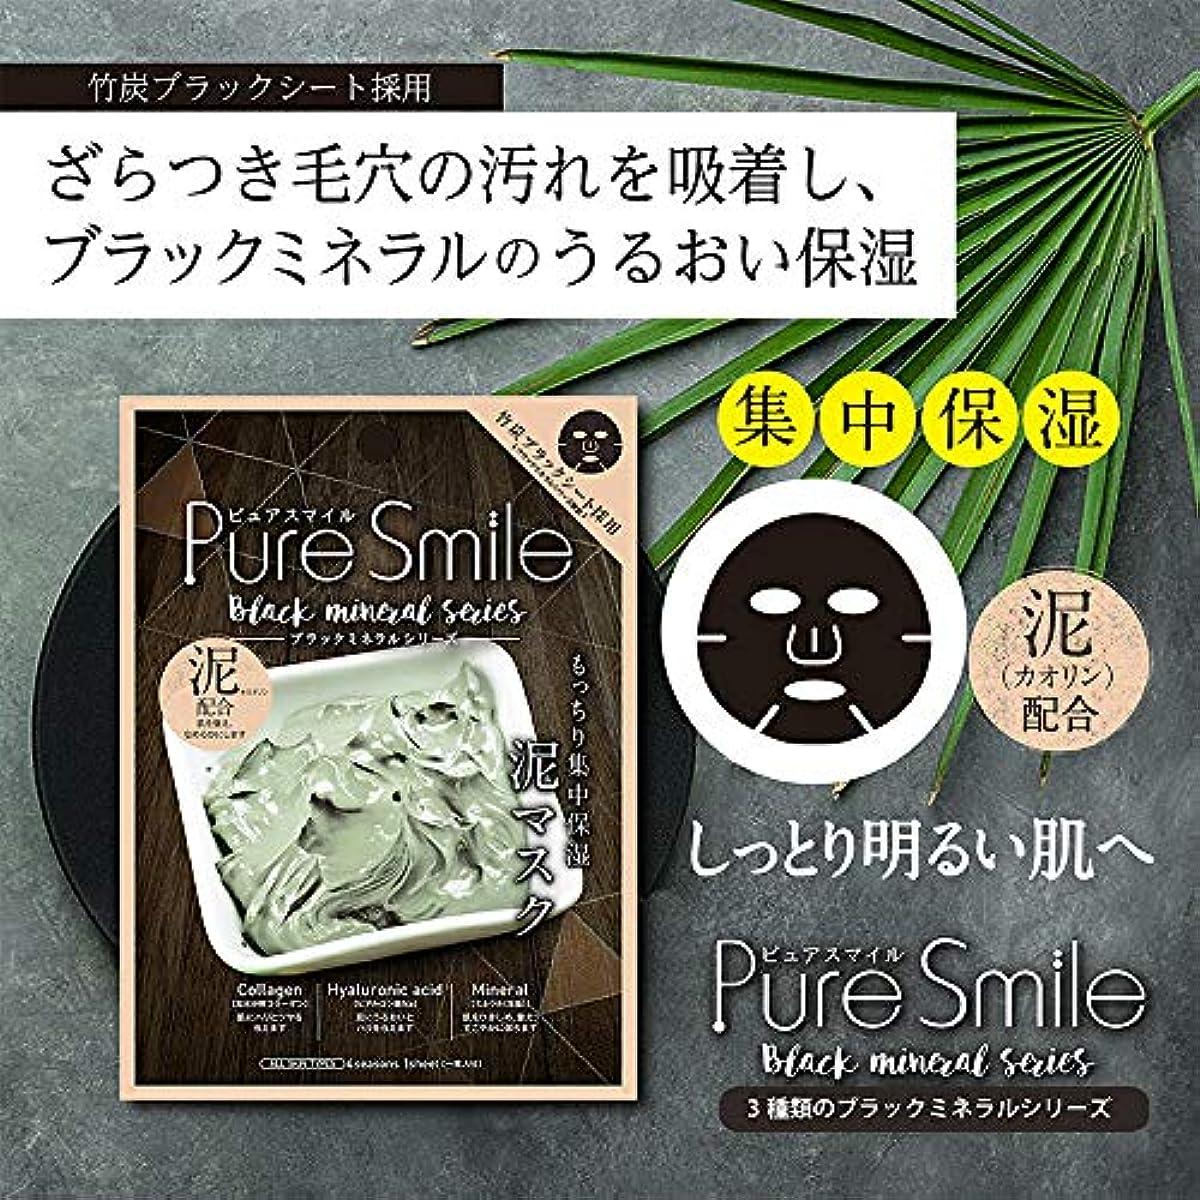 ピーブワインご飯Pure Smile(ピュアスマイル) エッセンスマスク 『ブラックミネラルシリーズ』 (泥) フェイスマスク パック